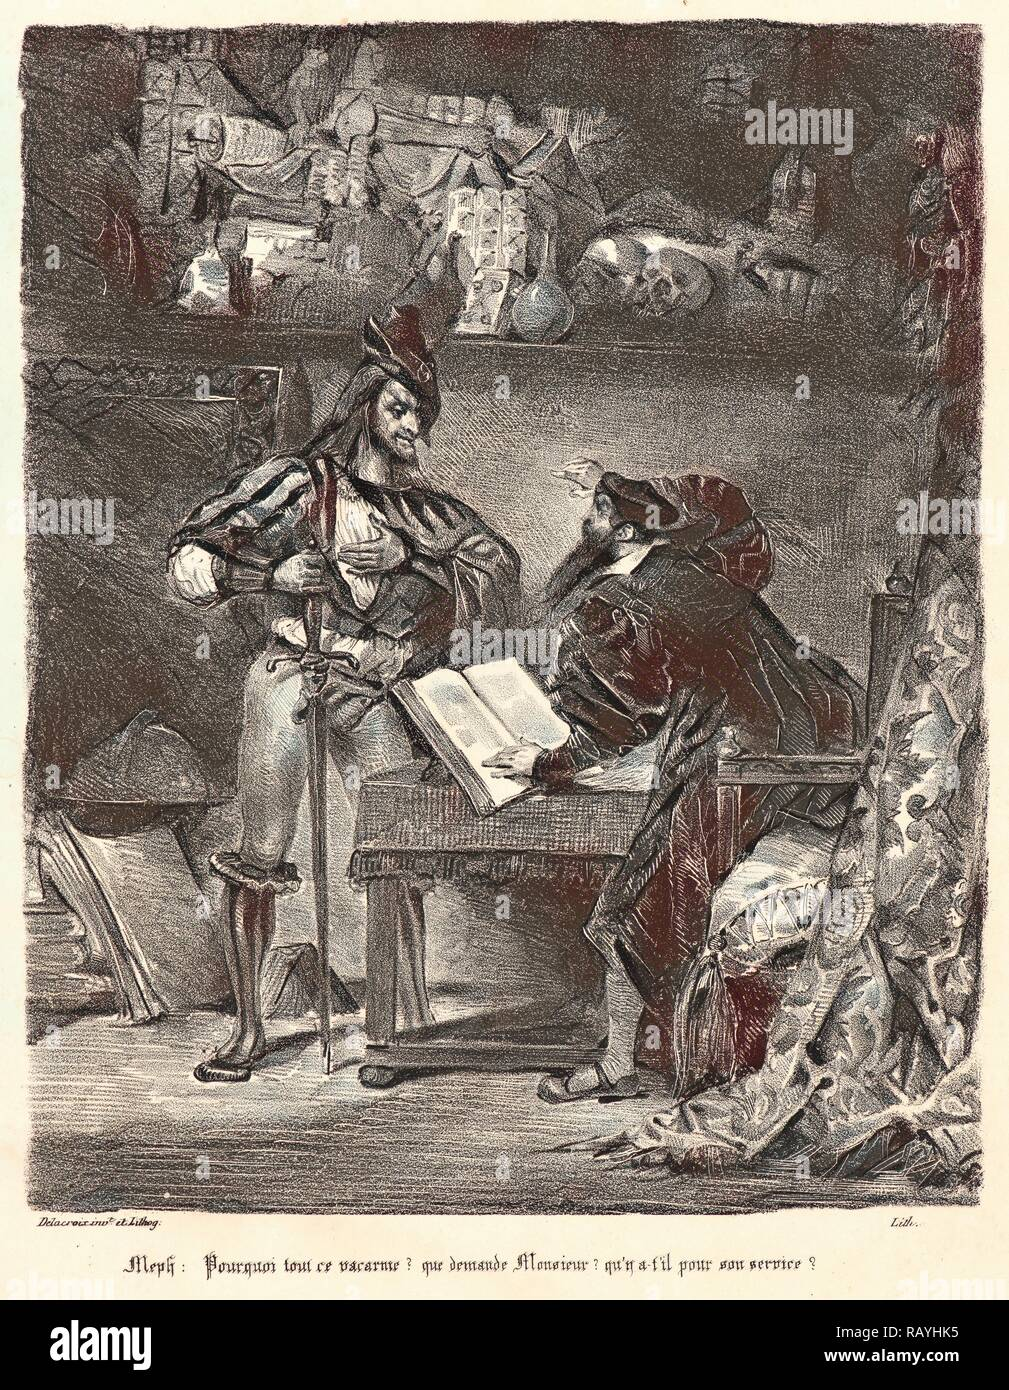 Eugène Delacroix (French, 1798 - 1863). Mephistopheles Appearing to Faust (Méphistophélès apparaissant à Faust), 1828 reimagined - Stock Image